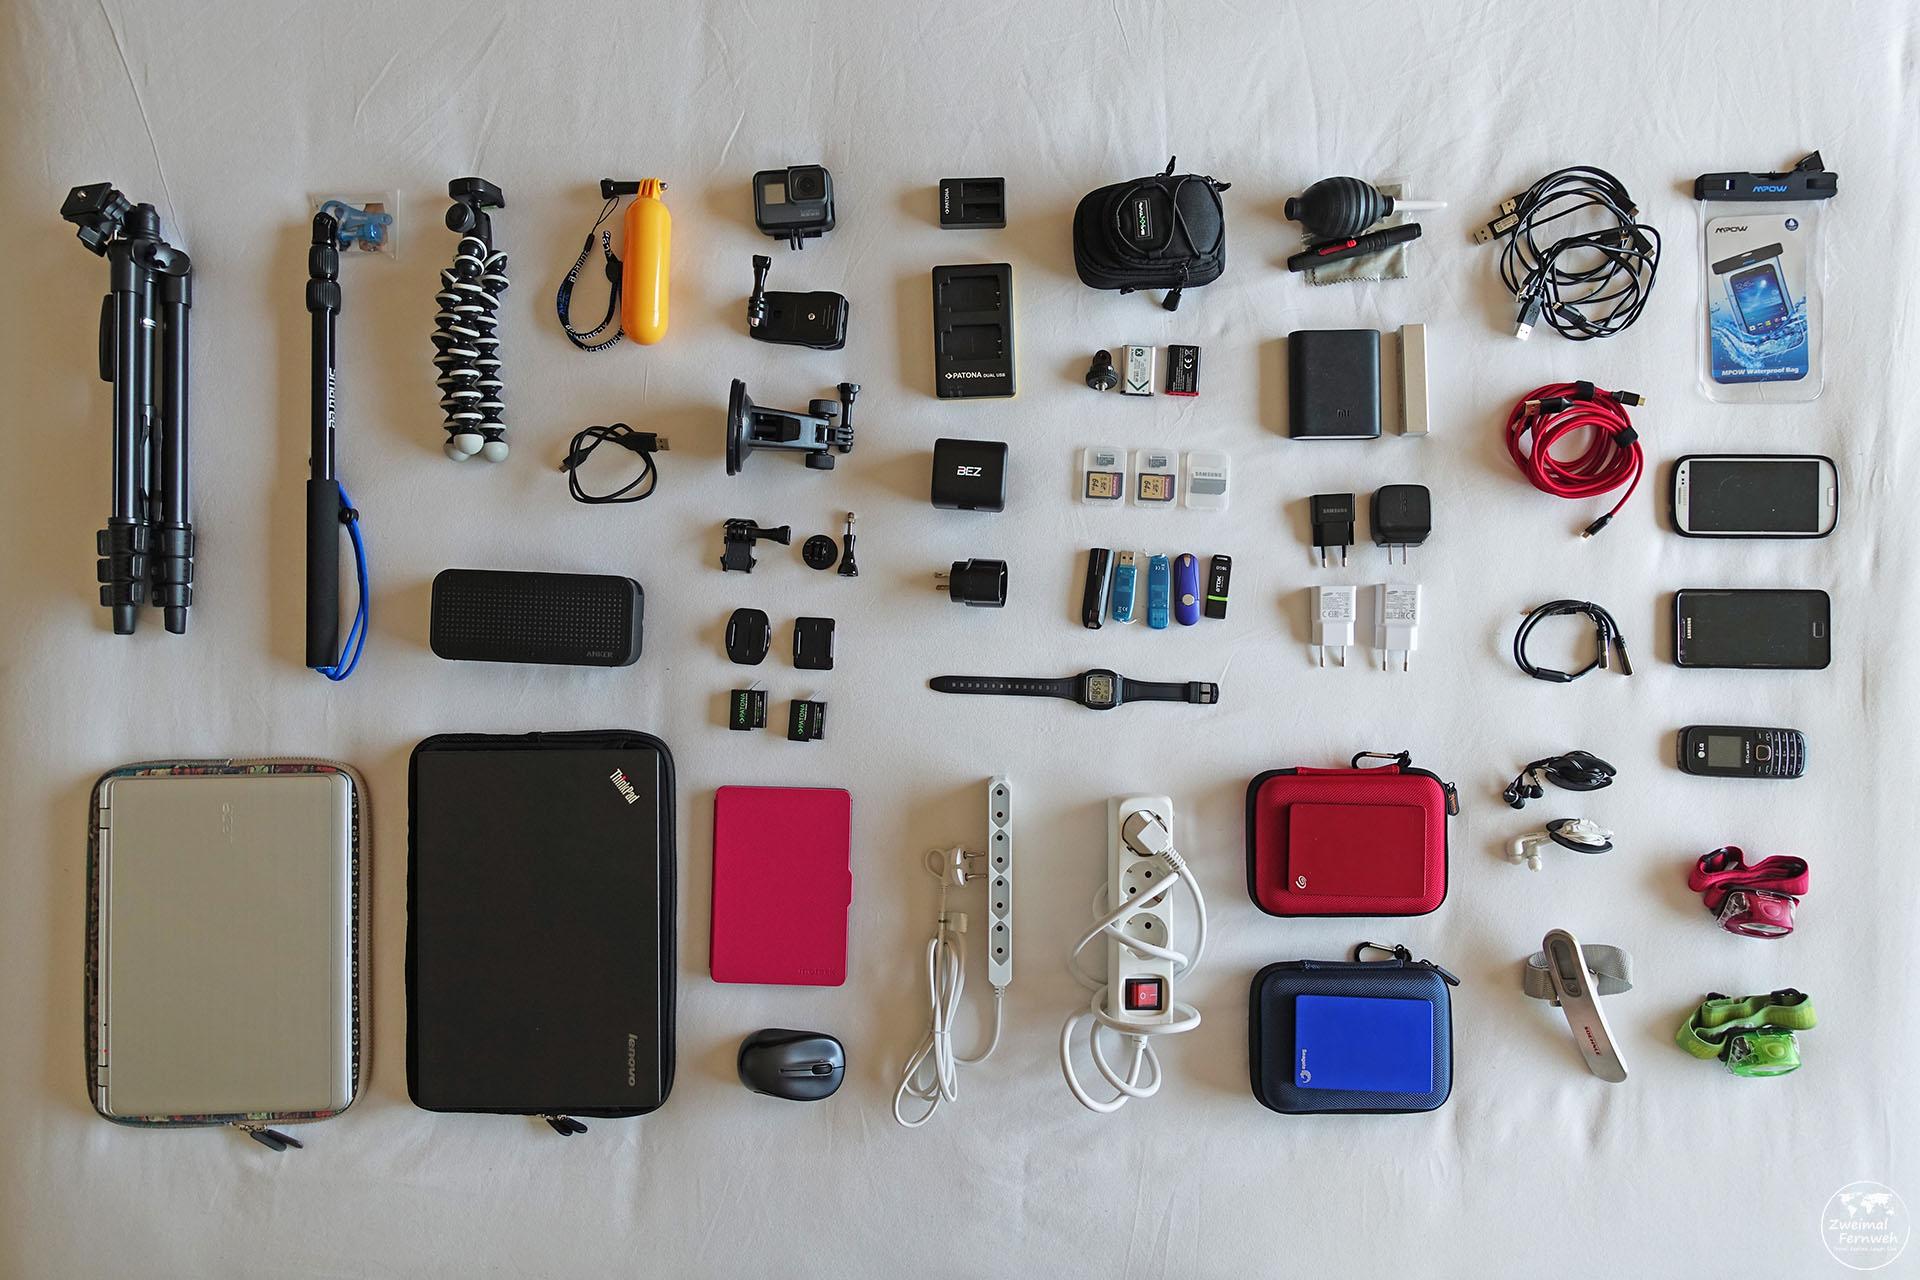 Hier zeigen wir dir unsere Technik von der Reisekamera bis zum Steckdosenadapter